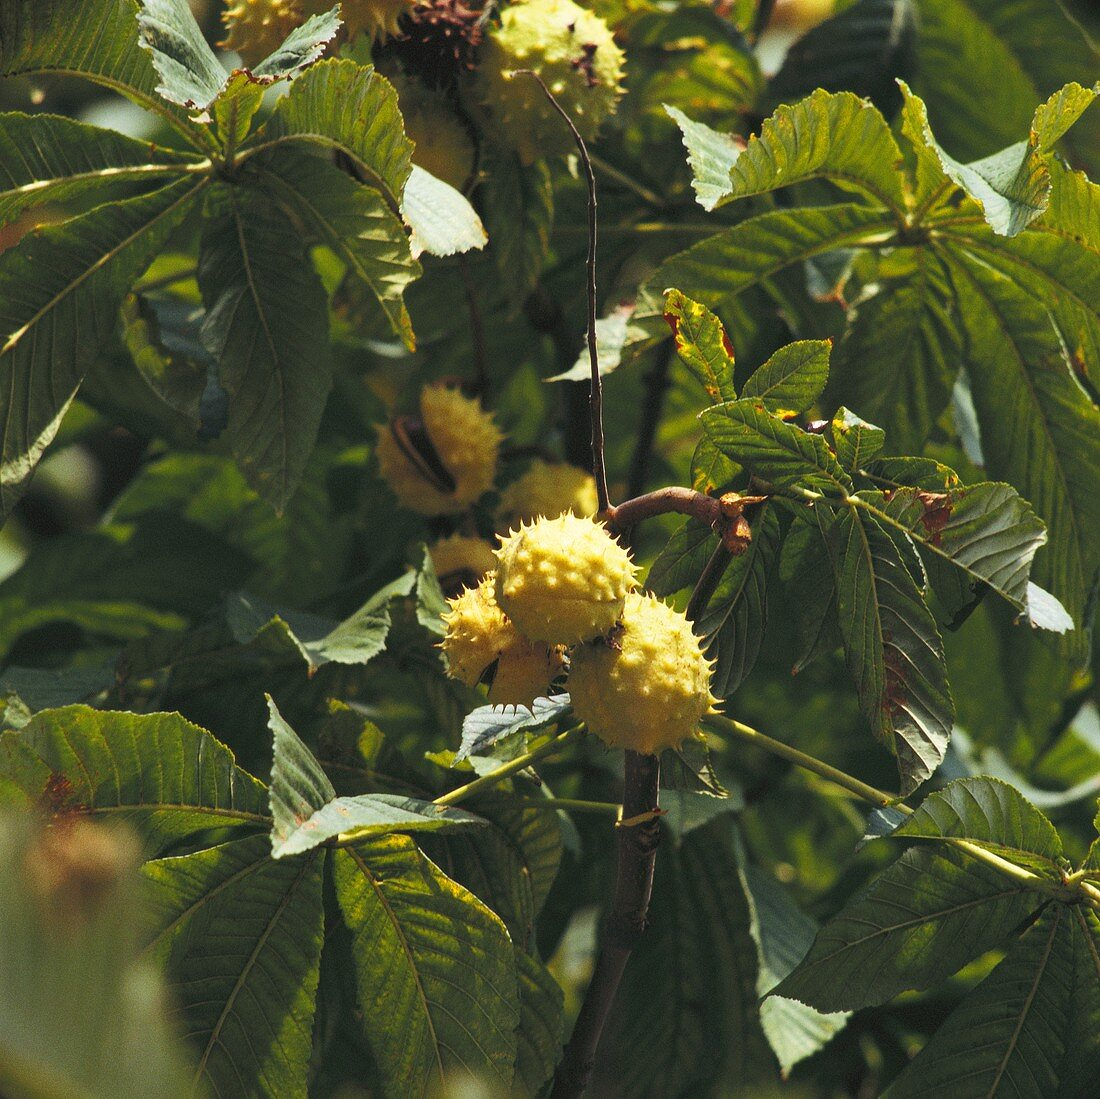 Rosskastanien am Baum (Ausschnitt)